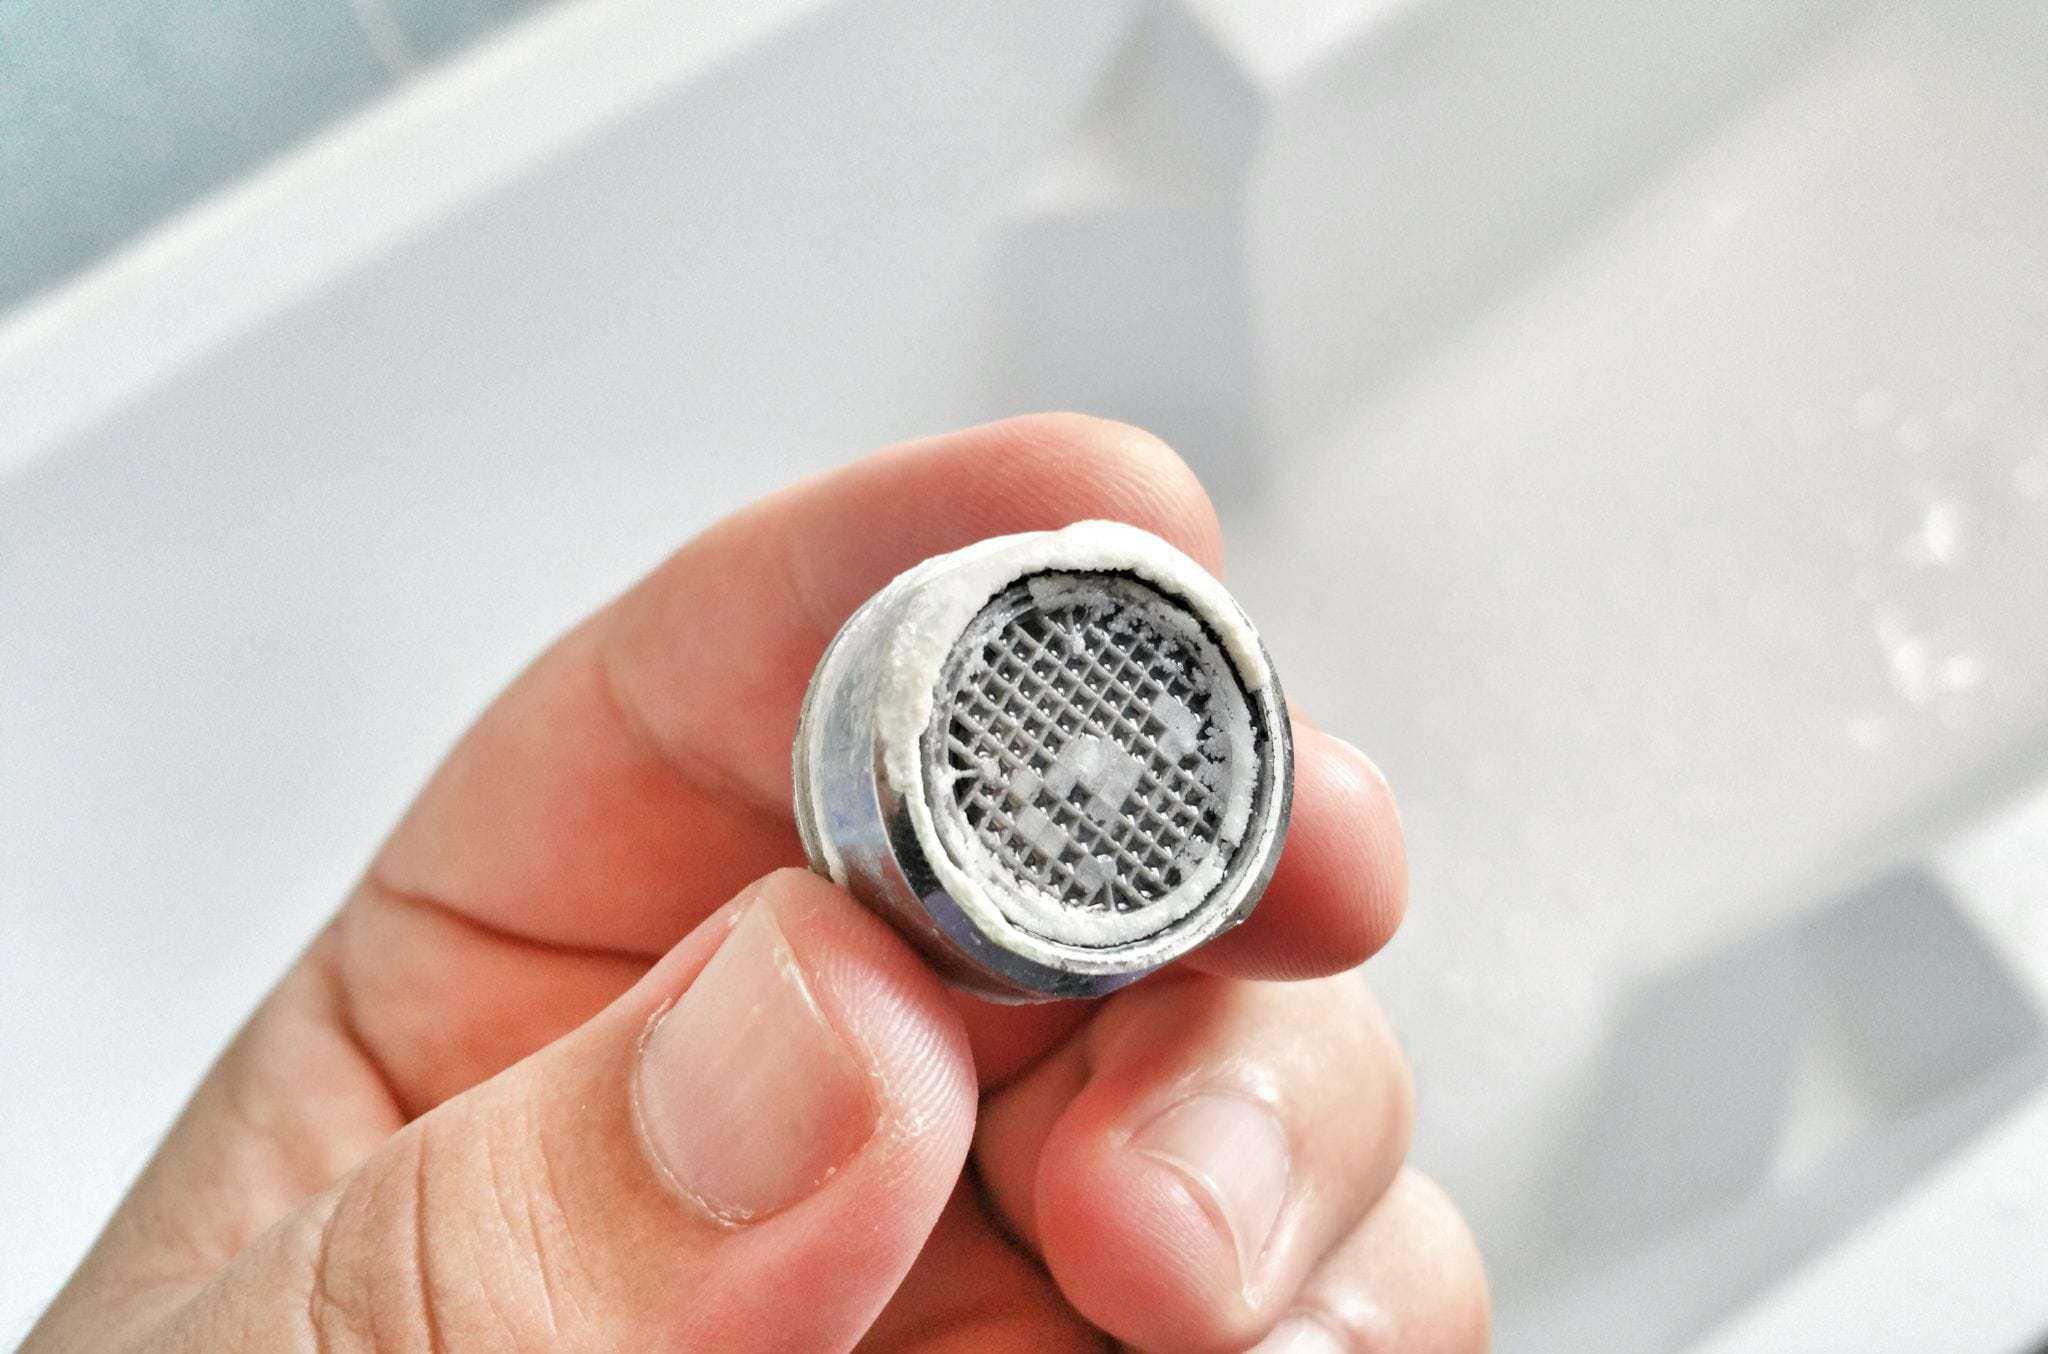 Comment réparer un robinet ? Fuites & baisse de pression